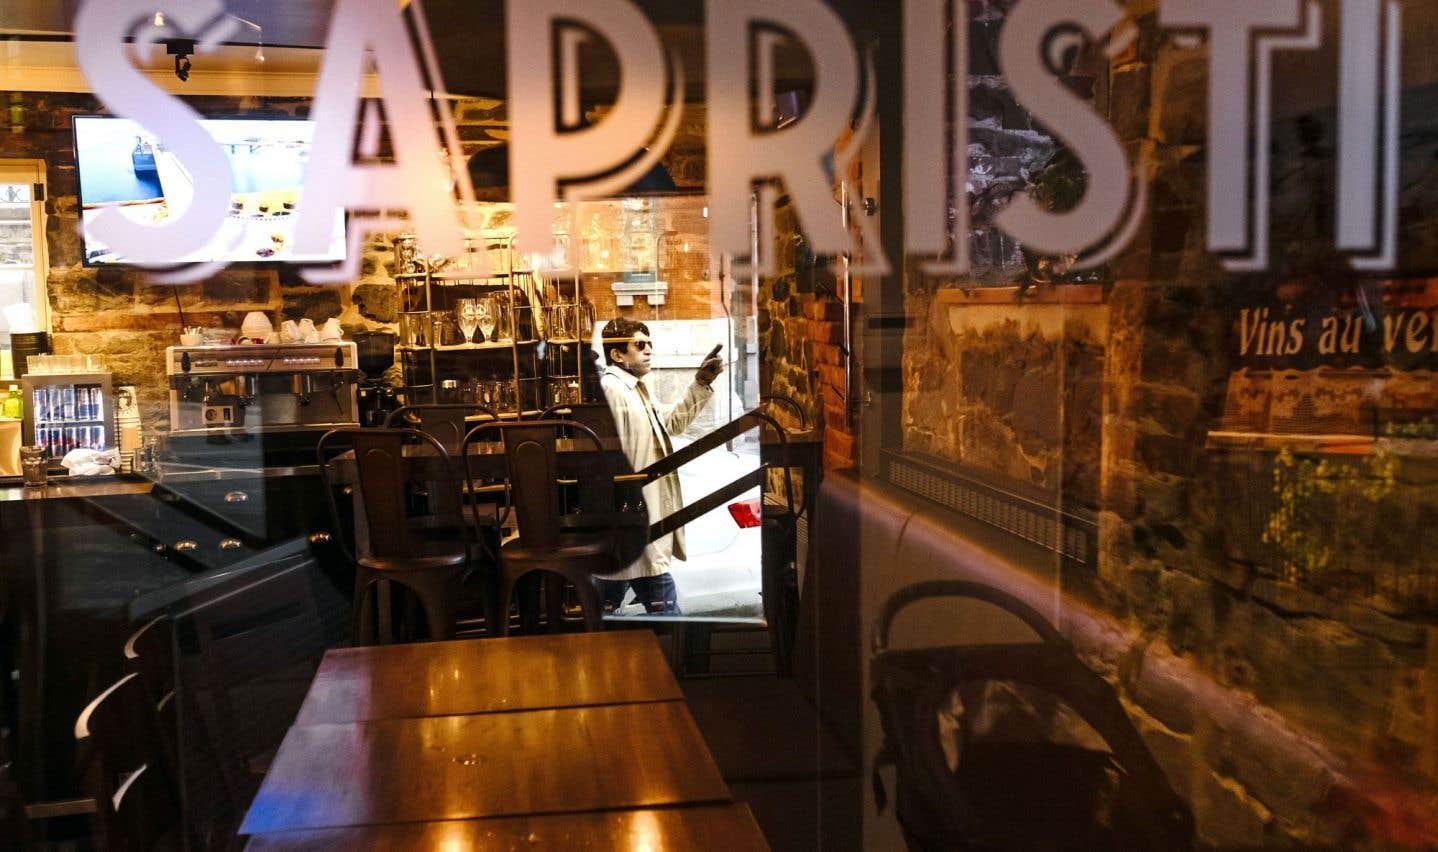 Le secteur Saint-Jean-Baptiste est l'un des plus anciens de Québec. C'est là que se trouve le restaurantSapristi.